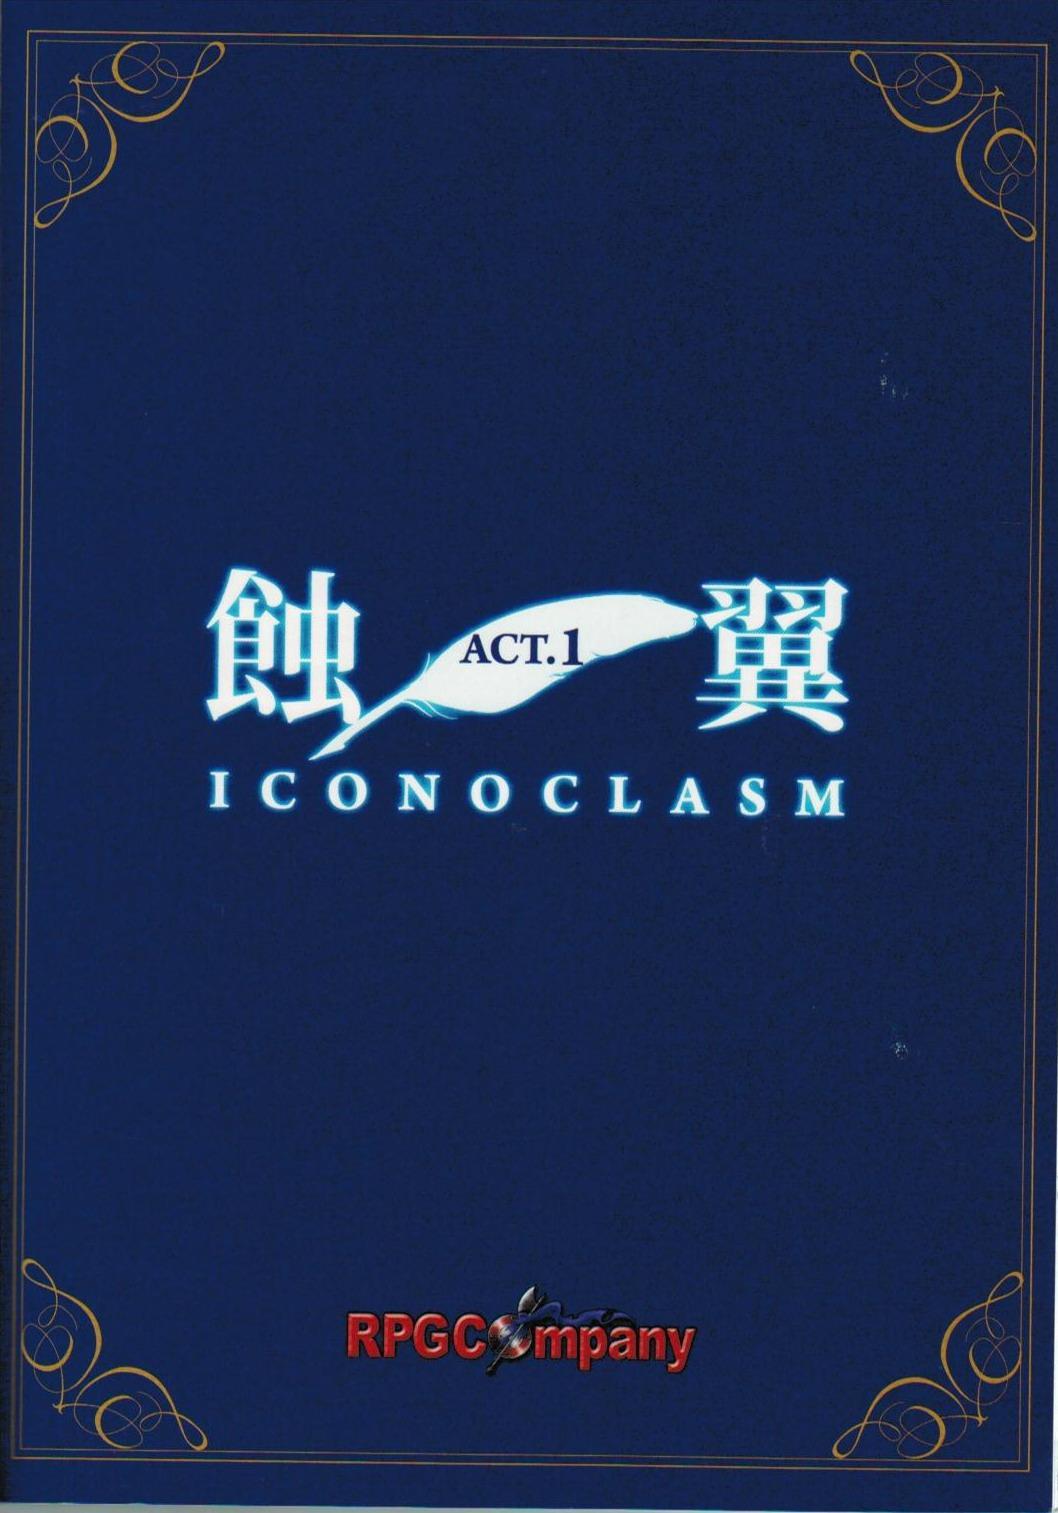 Iconoclasm act1 57